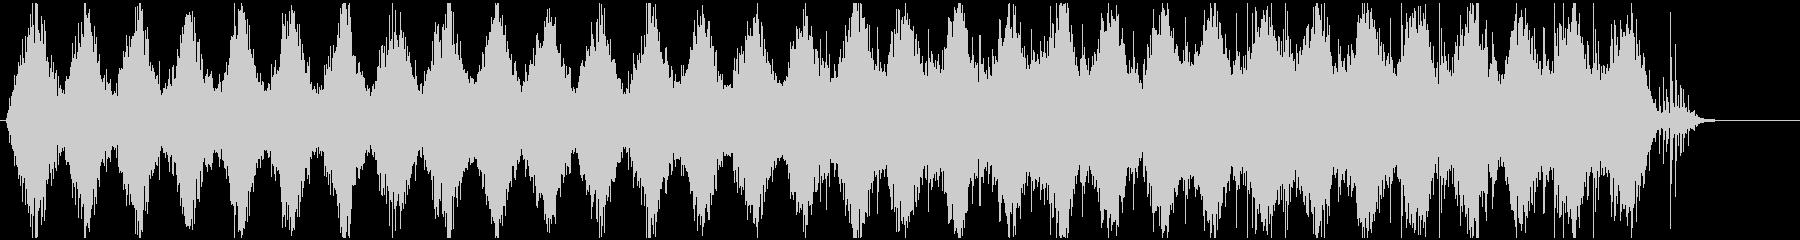 ホラー サスペンス 異次元 アンビエントの未再生の波形